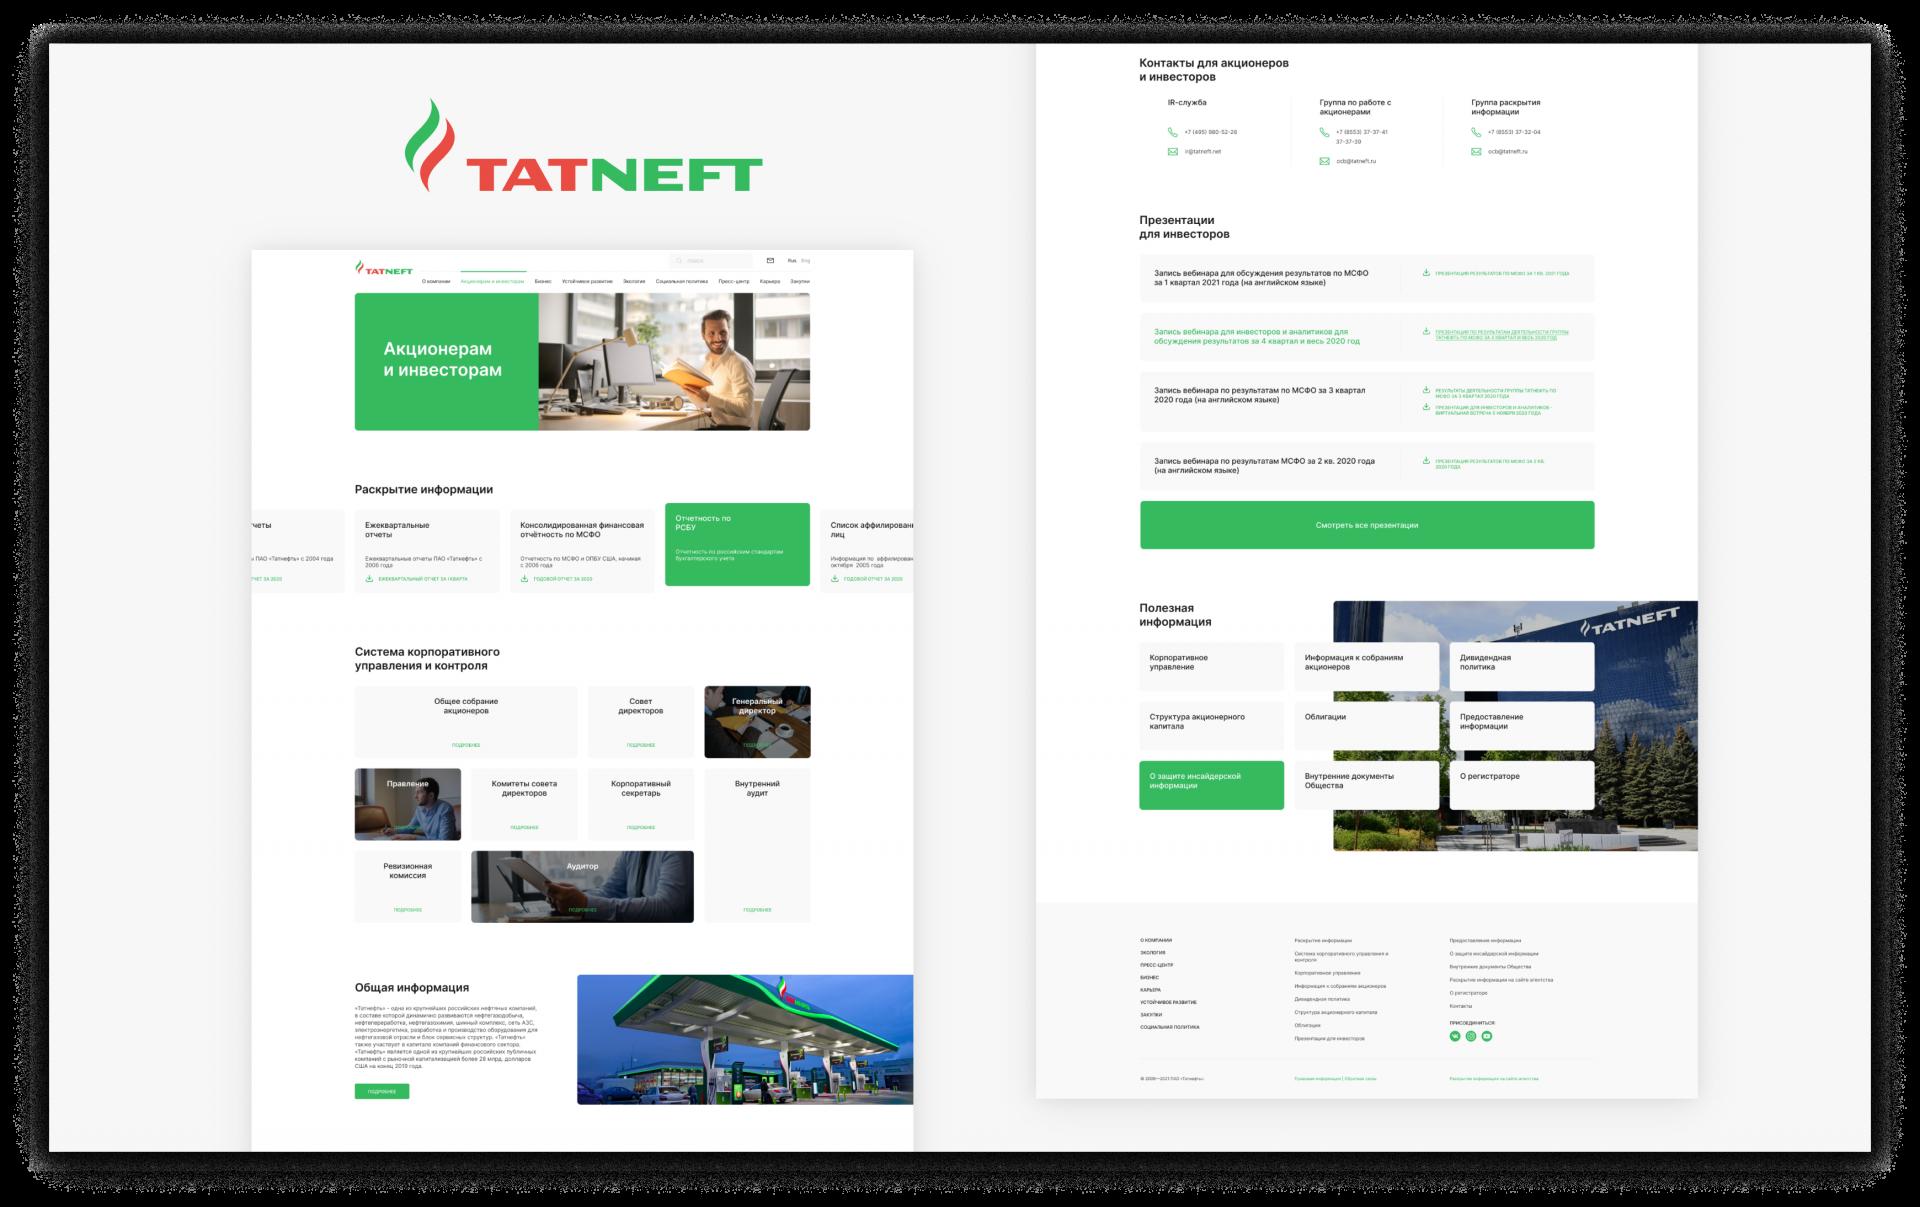 Редизайн раздела для акционеров и инвесторов сайта нефтяной компании «Татнефть» 7